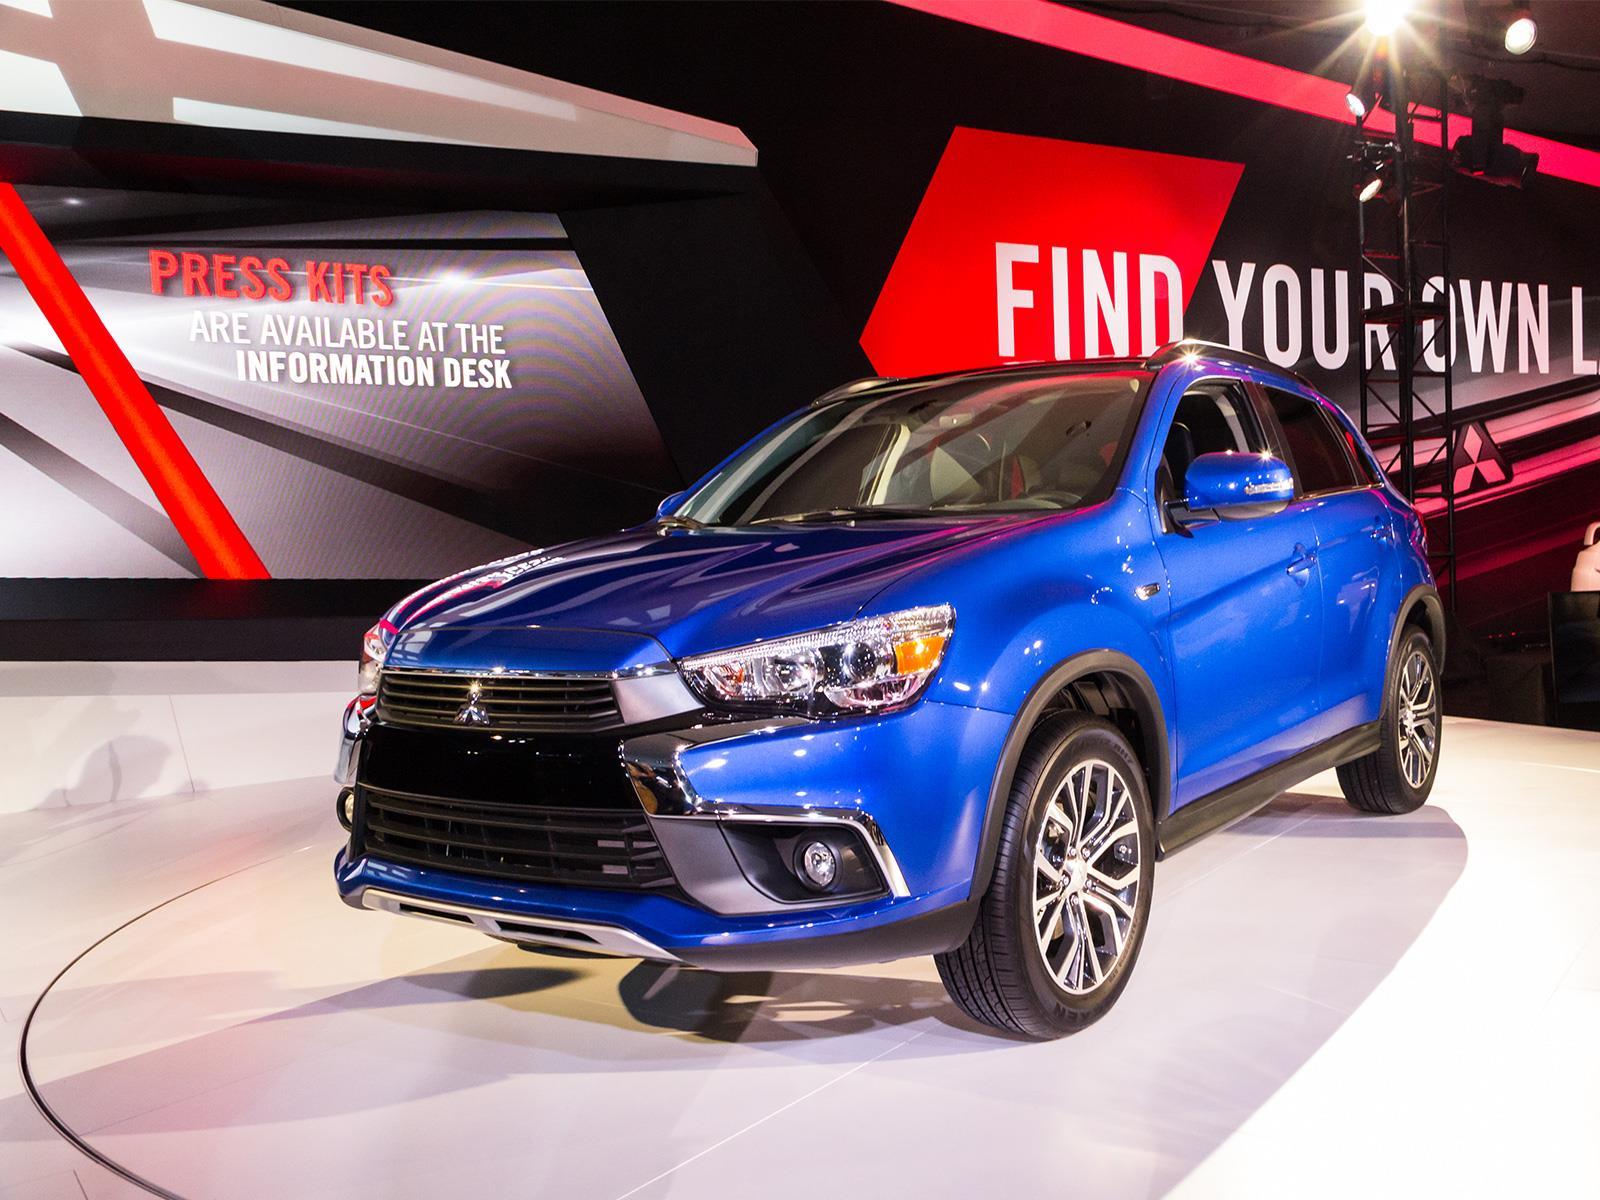 Auto Show de Los Ángeles 2015 - Mitsubishi ASX 2017 se presenta - Noticias, novedades y ...